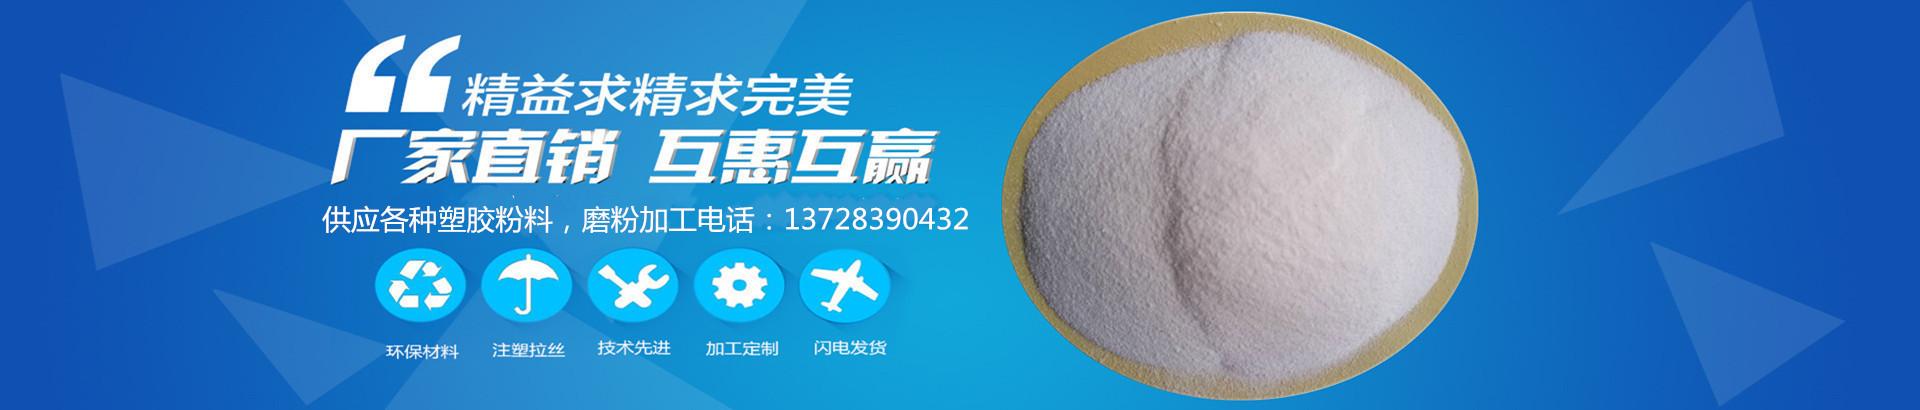 东莞市樟木头恒泰塑胶原料经营部